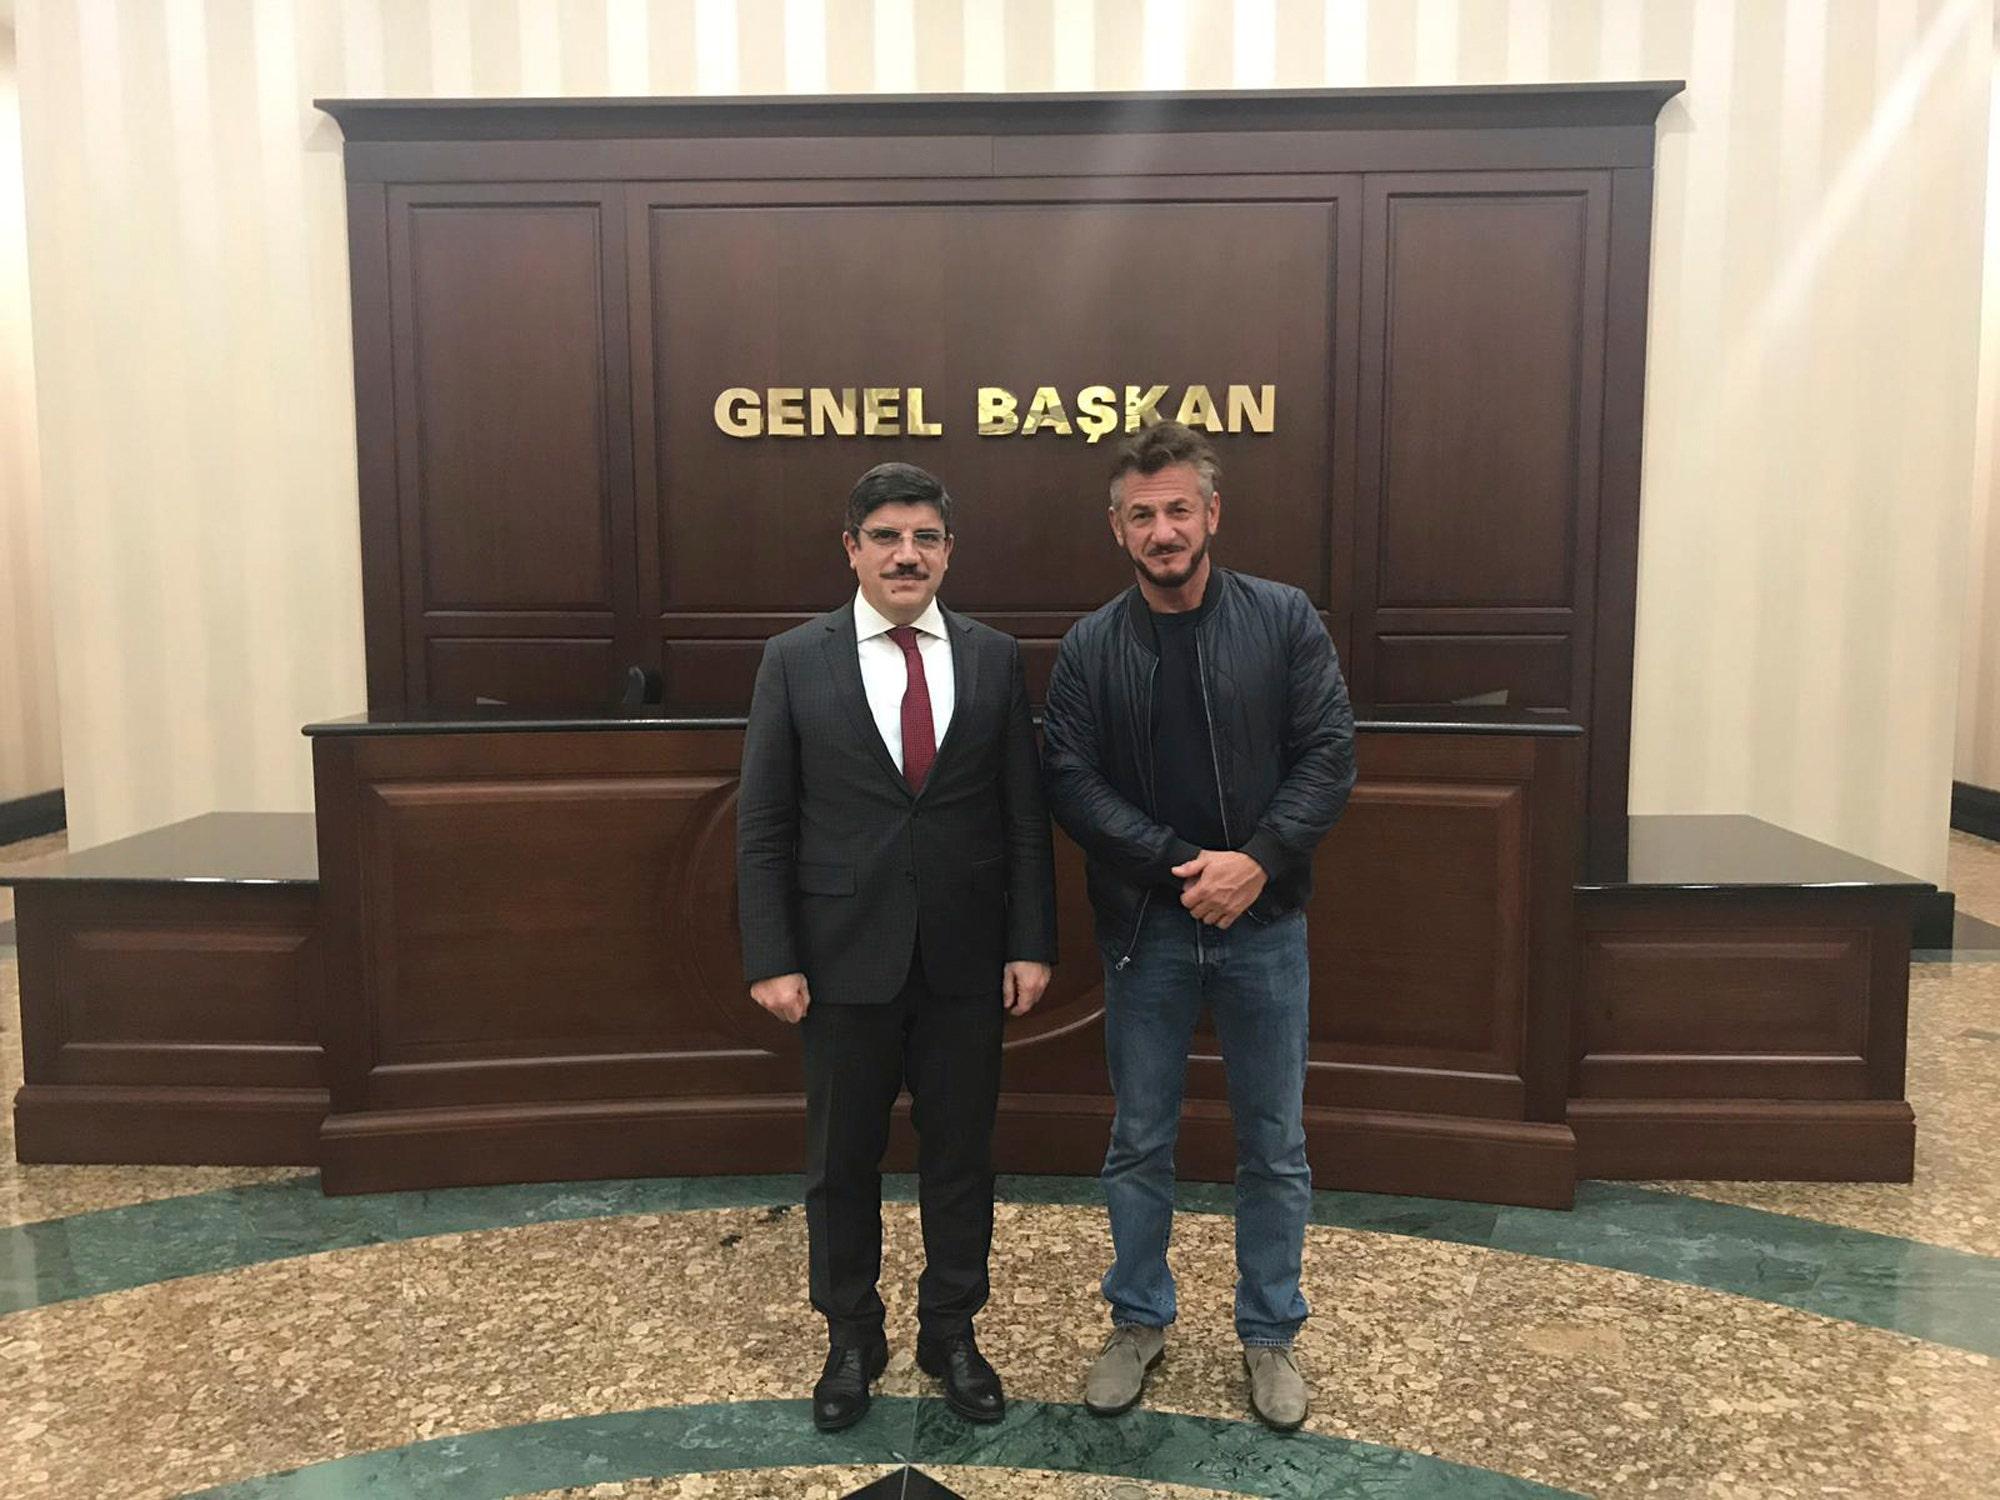 Sean Penn in Turkey working on a documentary about the death of Jamal Khashoggi